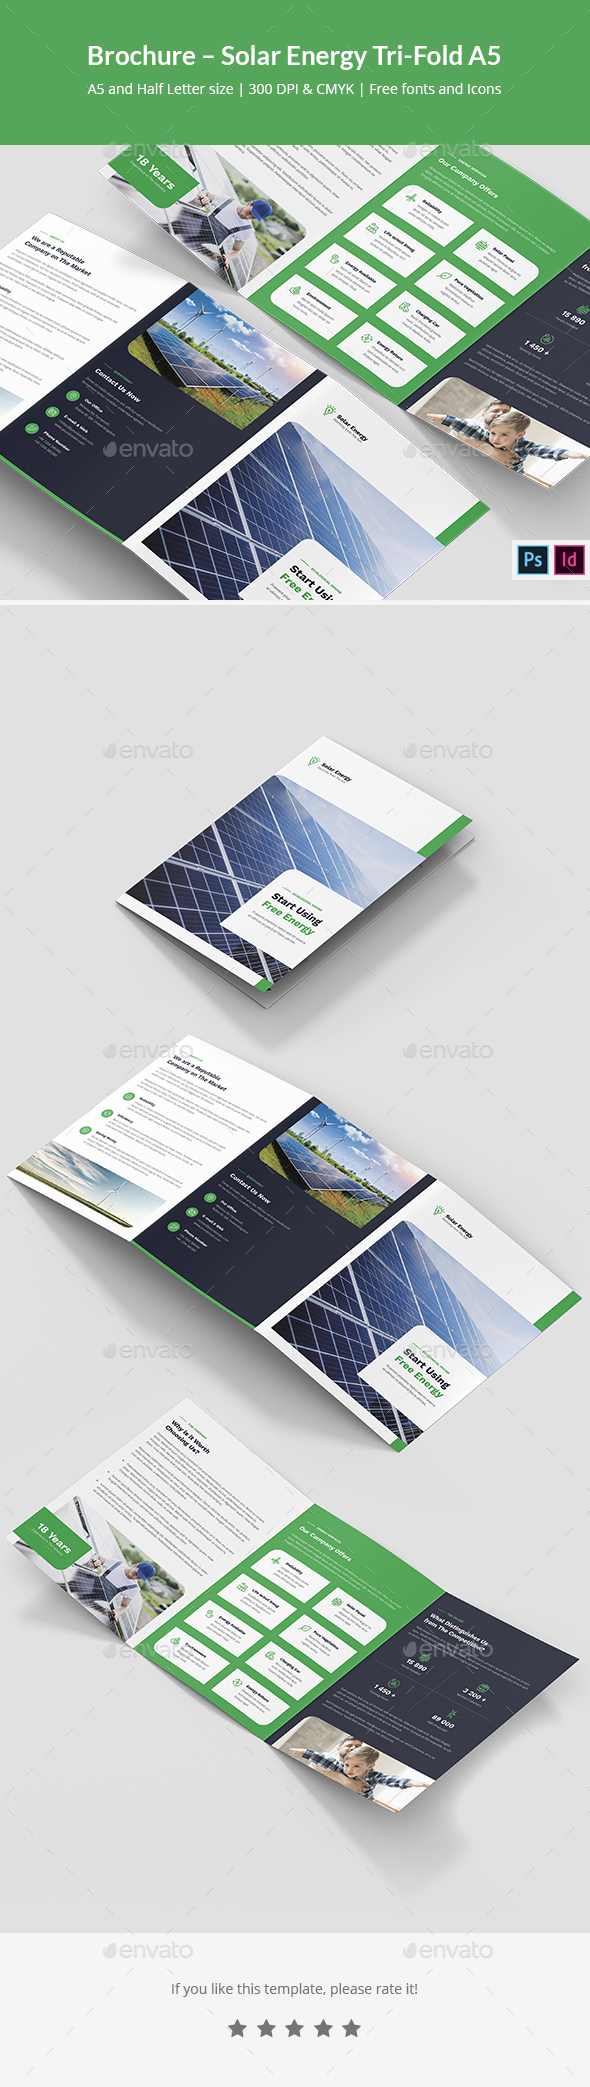 Brochure – Solar Energy Tri-Fold A5